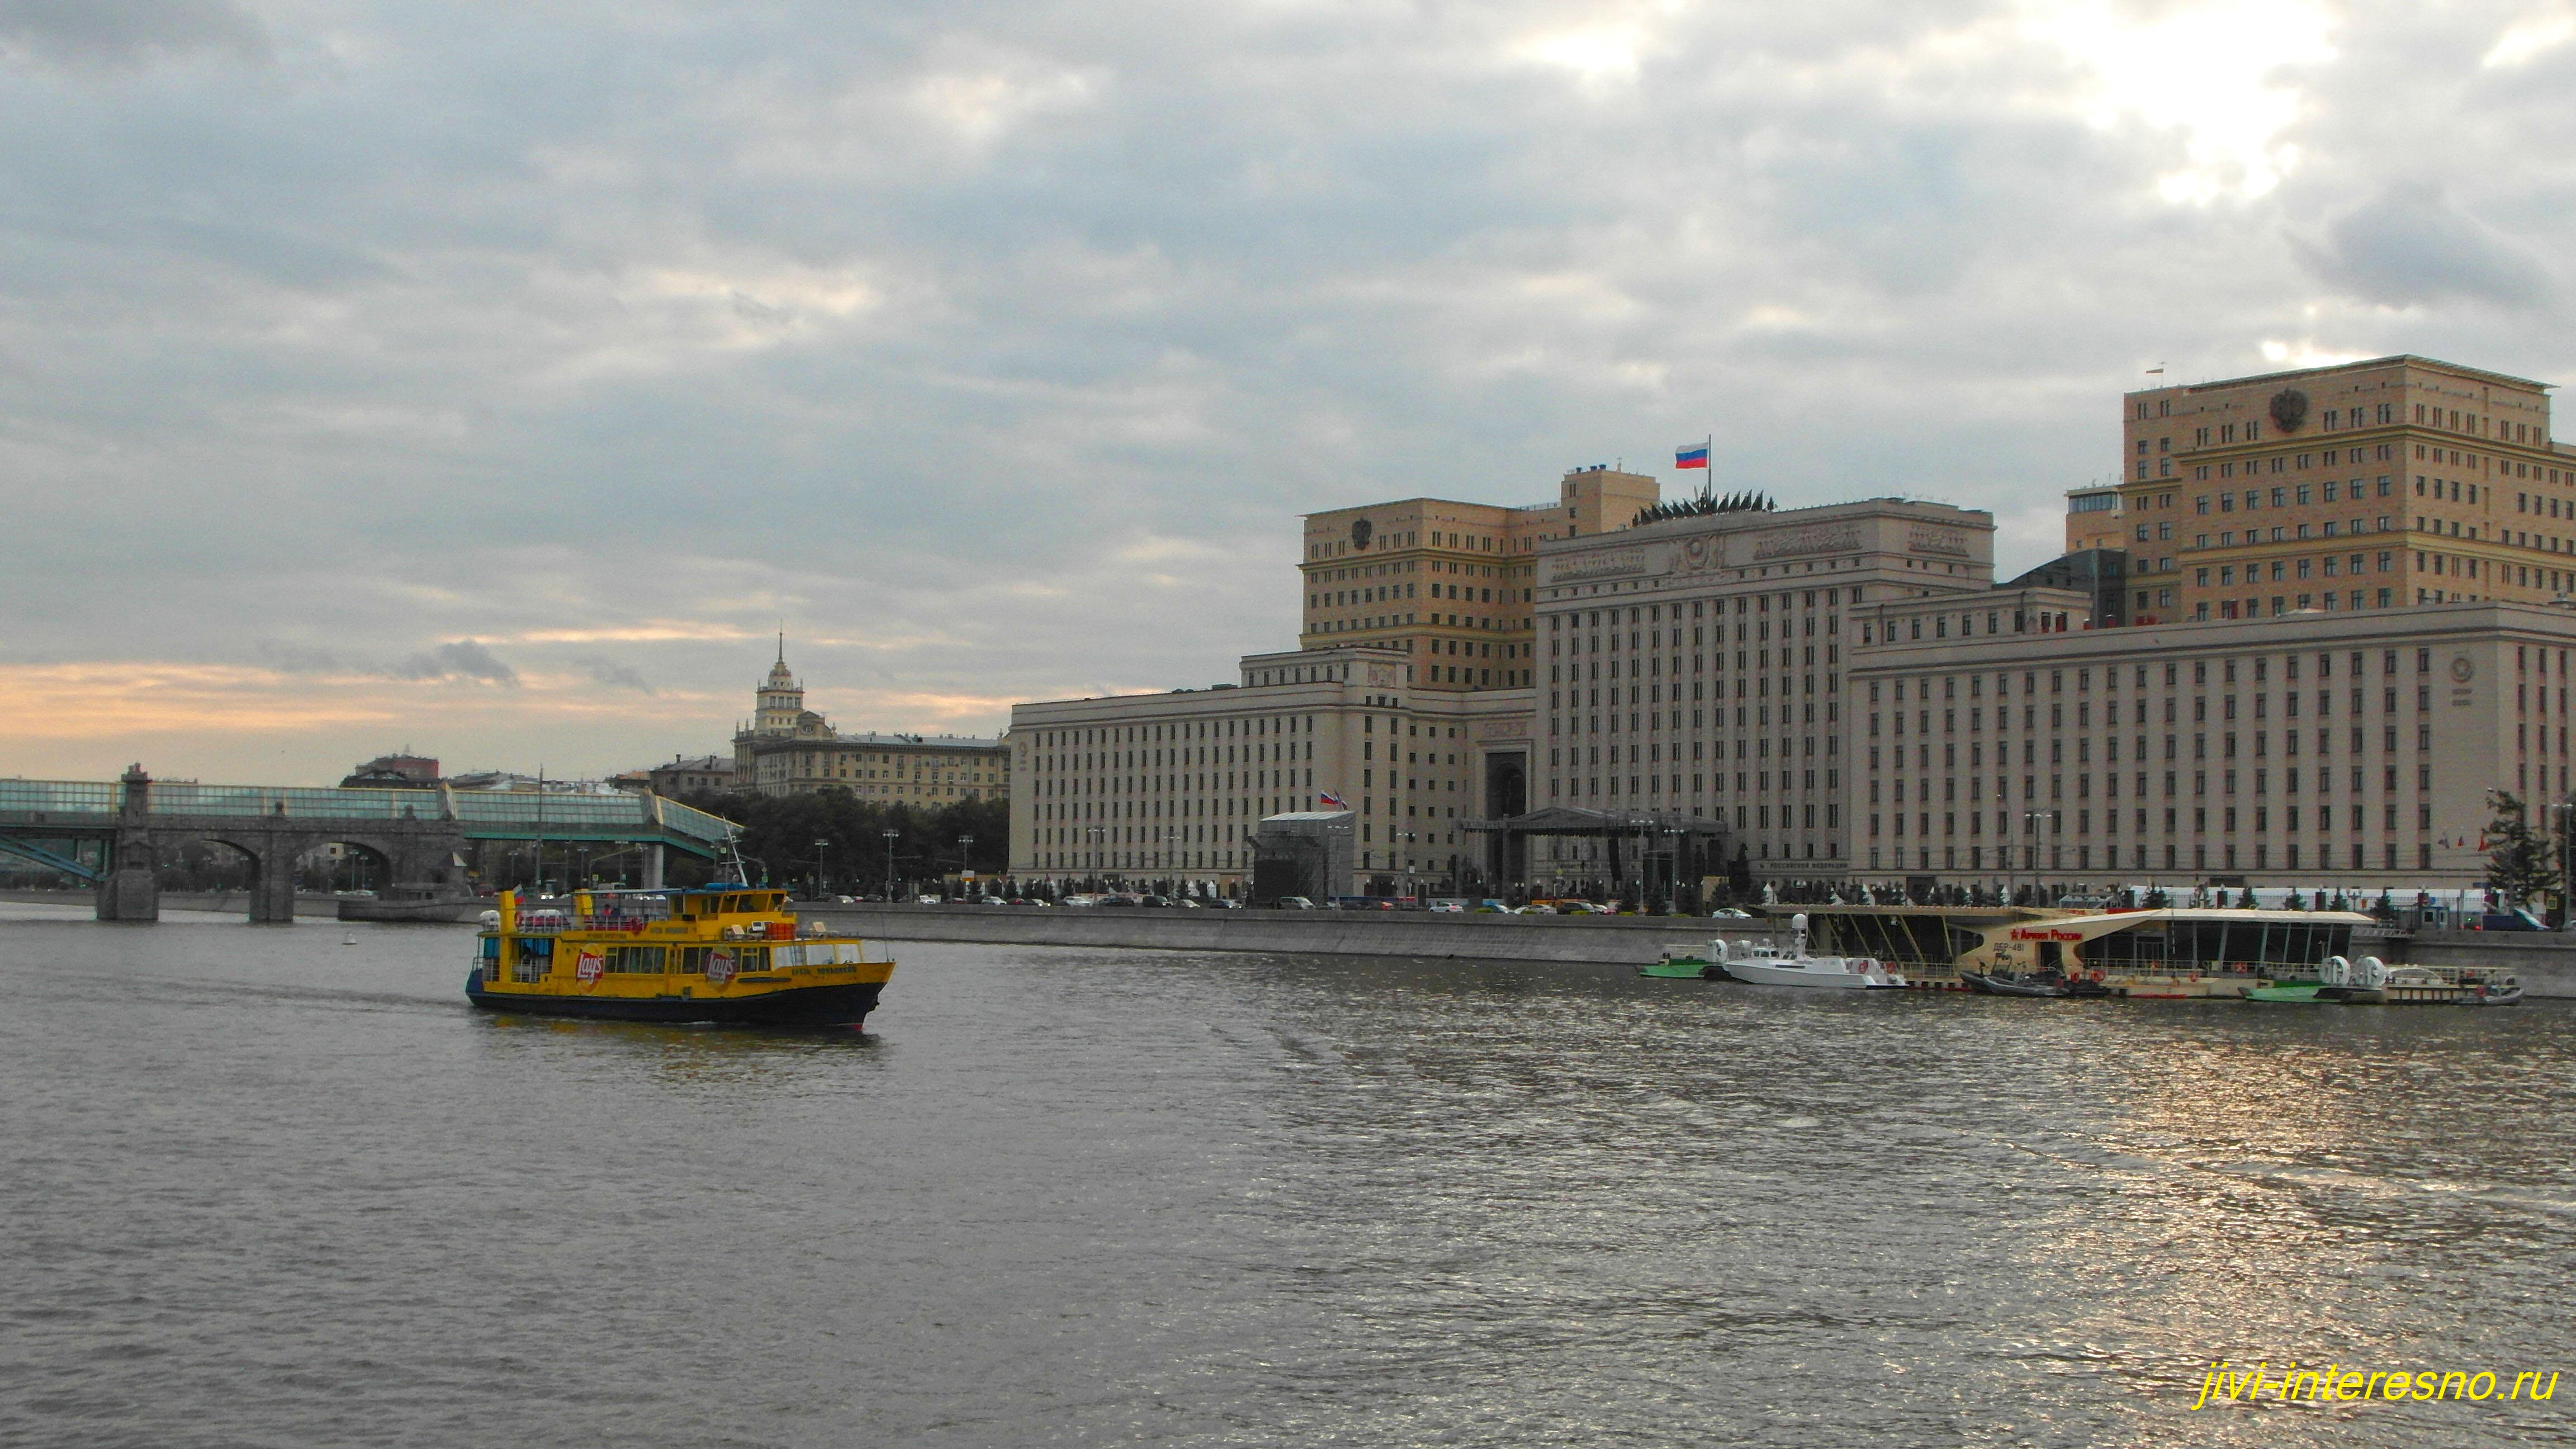 Осенняя Москва, парк Культуры, Москва-река, набережная